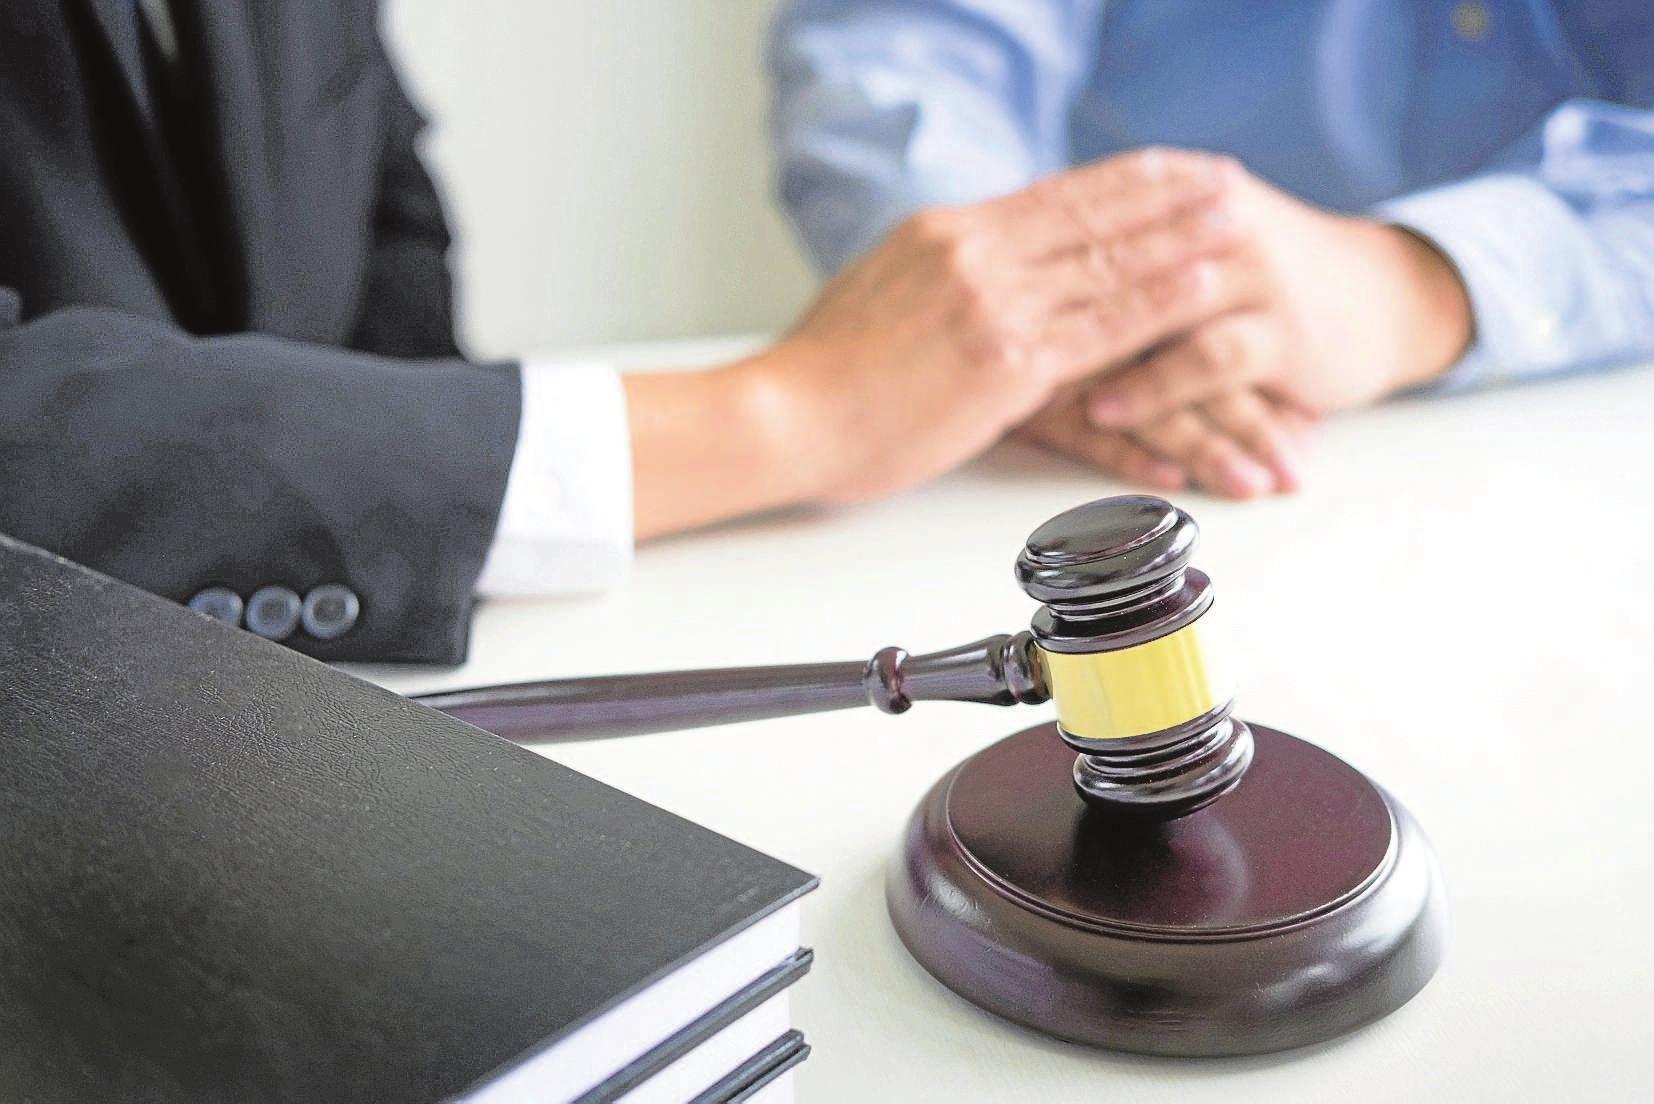 Nicht ohne meinen Anwalt! Ausführlichere Informationen zum Erbrecht und kompetente Hilfe, rund um alle weiteren rechtlichen Angelegenheiten, erhalten Sie bei den in unserer Sonderveröffentlichung aufgeführten Rechtsanwälten. Foto: 123rf/Audtakorn Sutarmjam